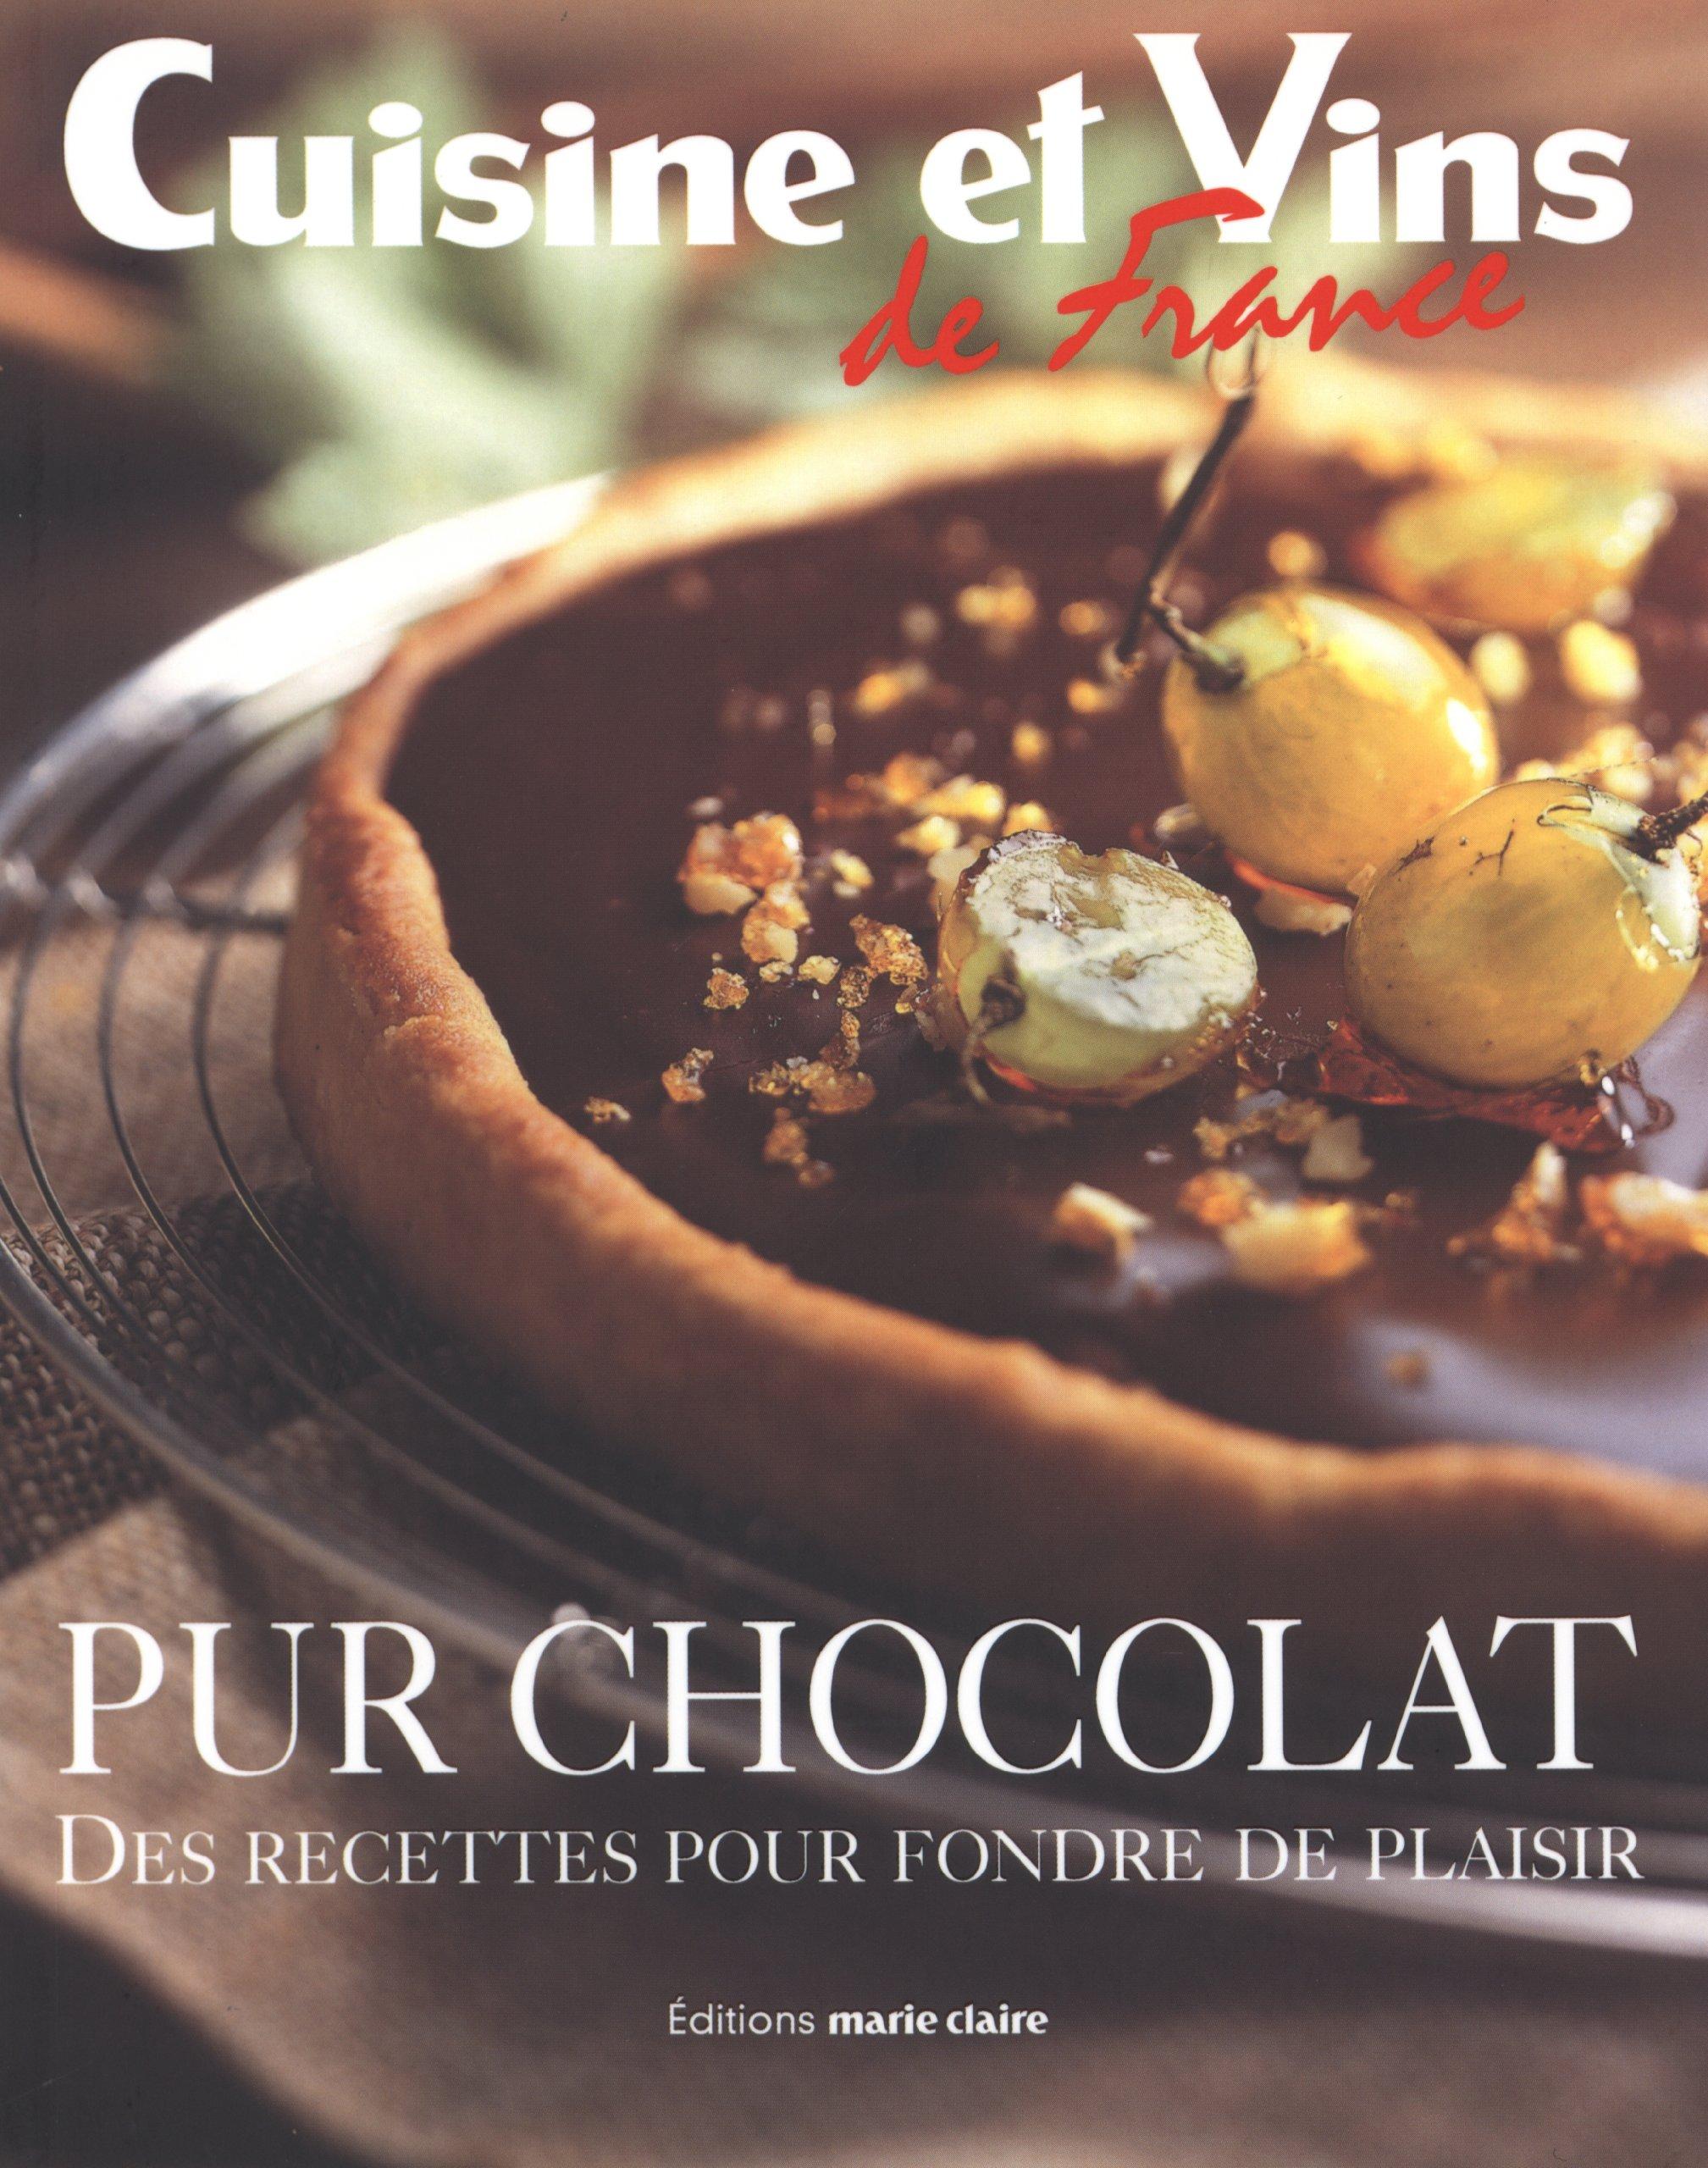 Pur chocolat : Des recettes pour fondre de plaisir